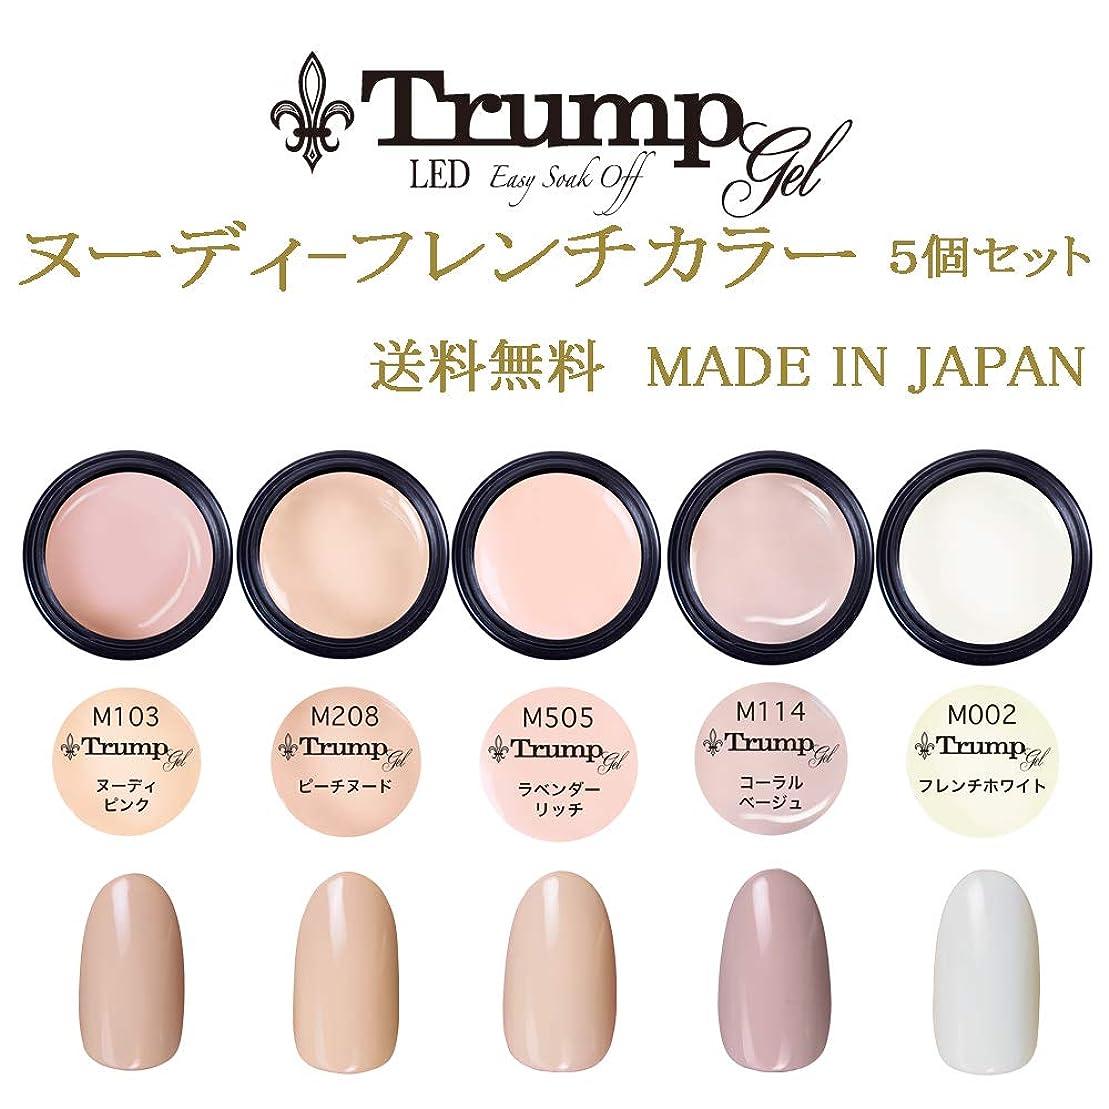 味方飢学習者【送料無料】日本製 Trump gel トランプジェルヌーディフレンチカラージェル 5個セット 肌馴染みの良い ヌーデイフレンチカラージェルセット